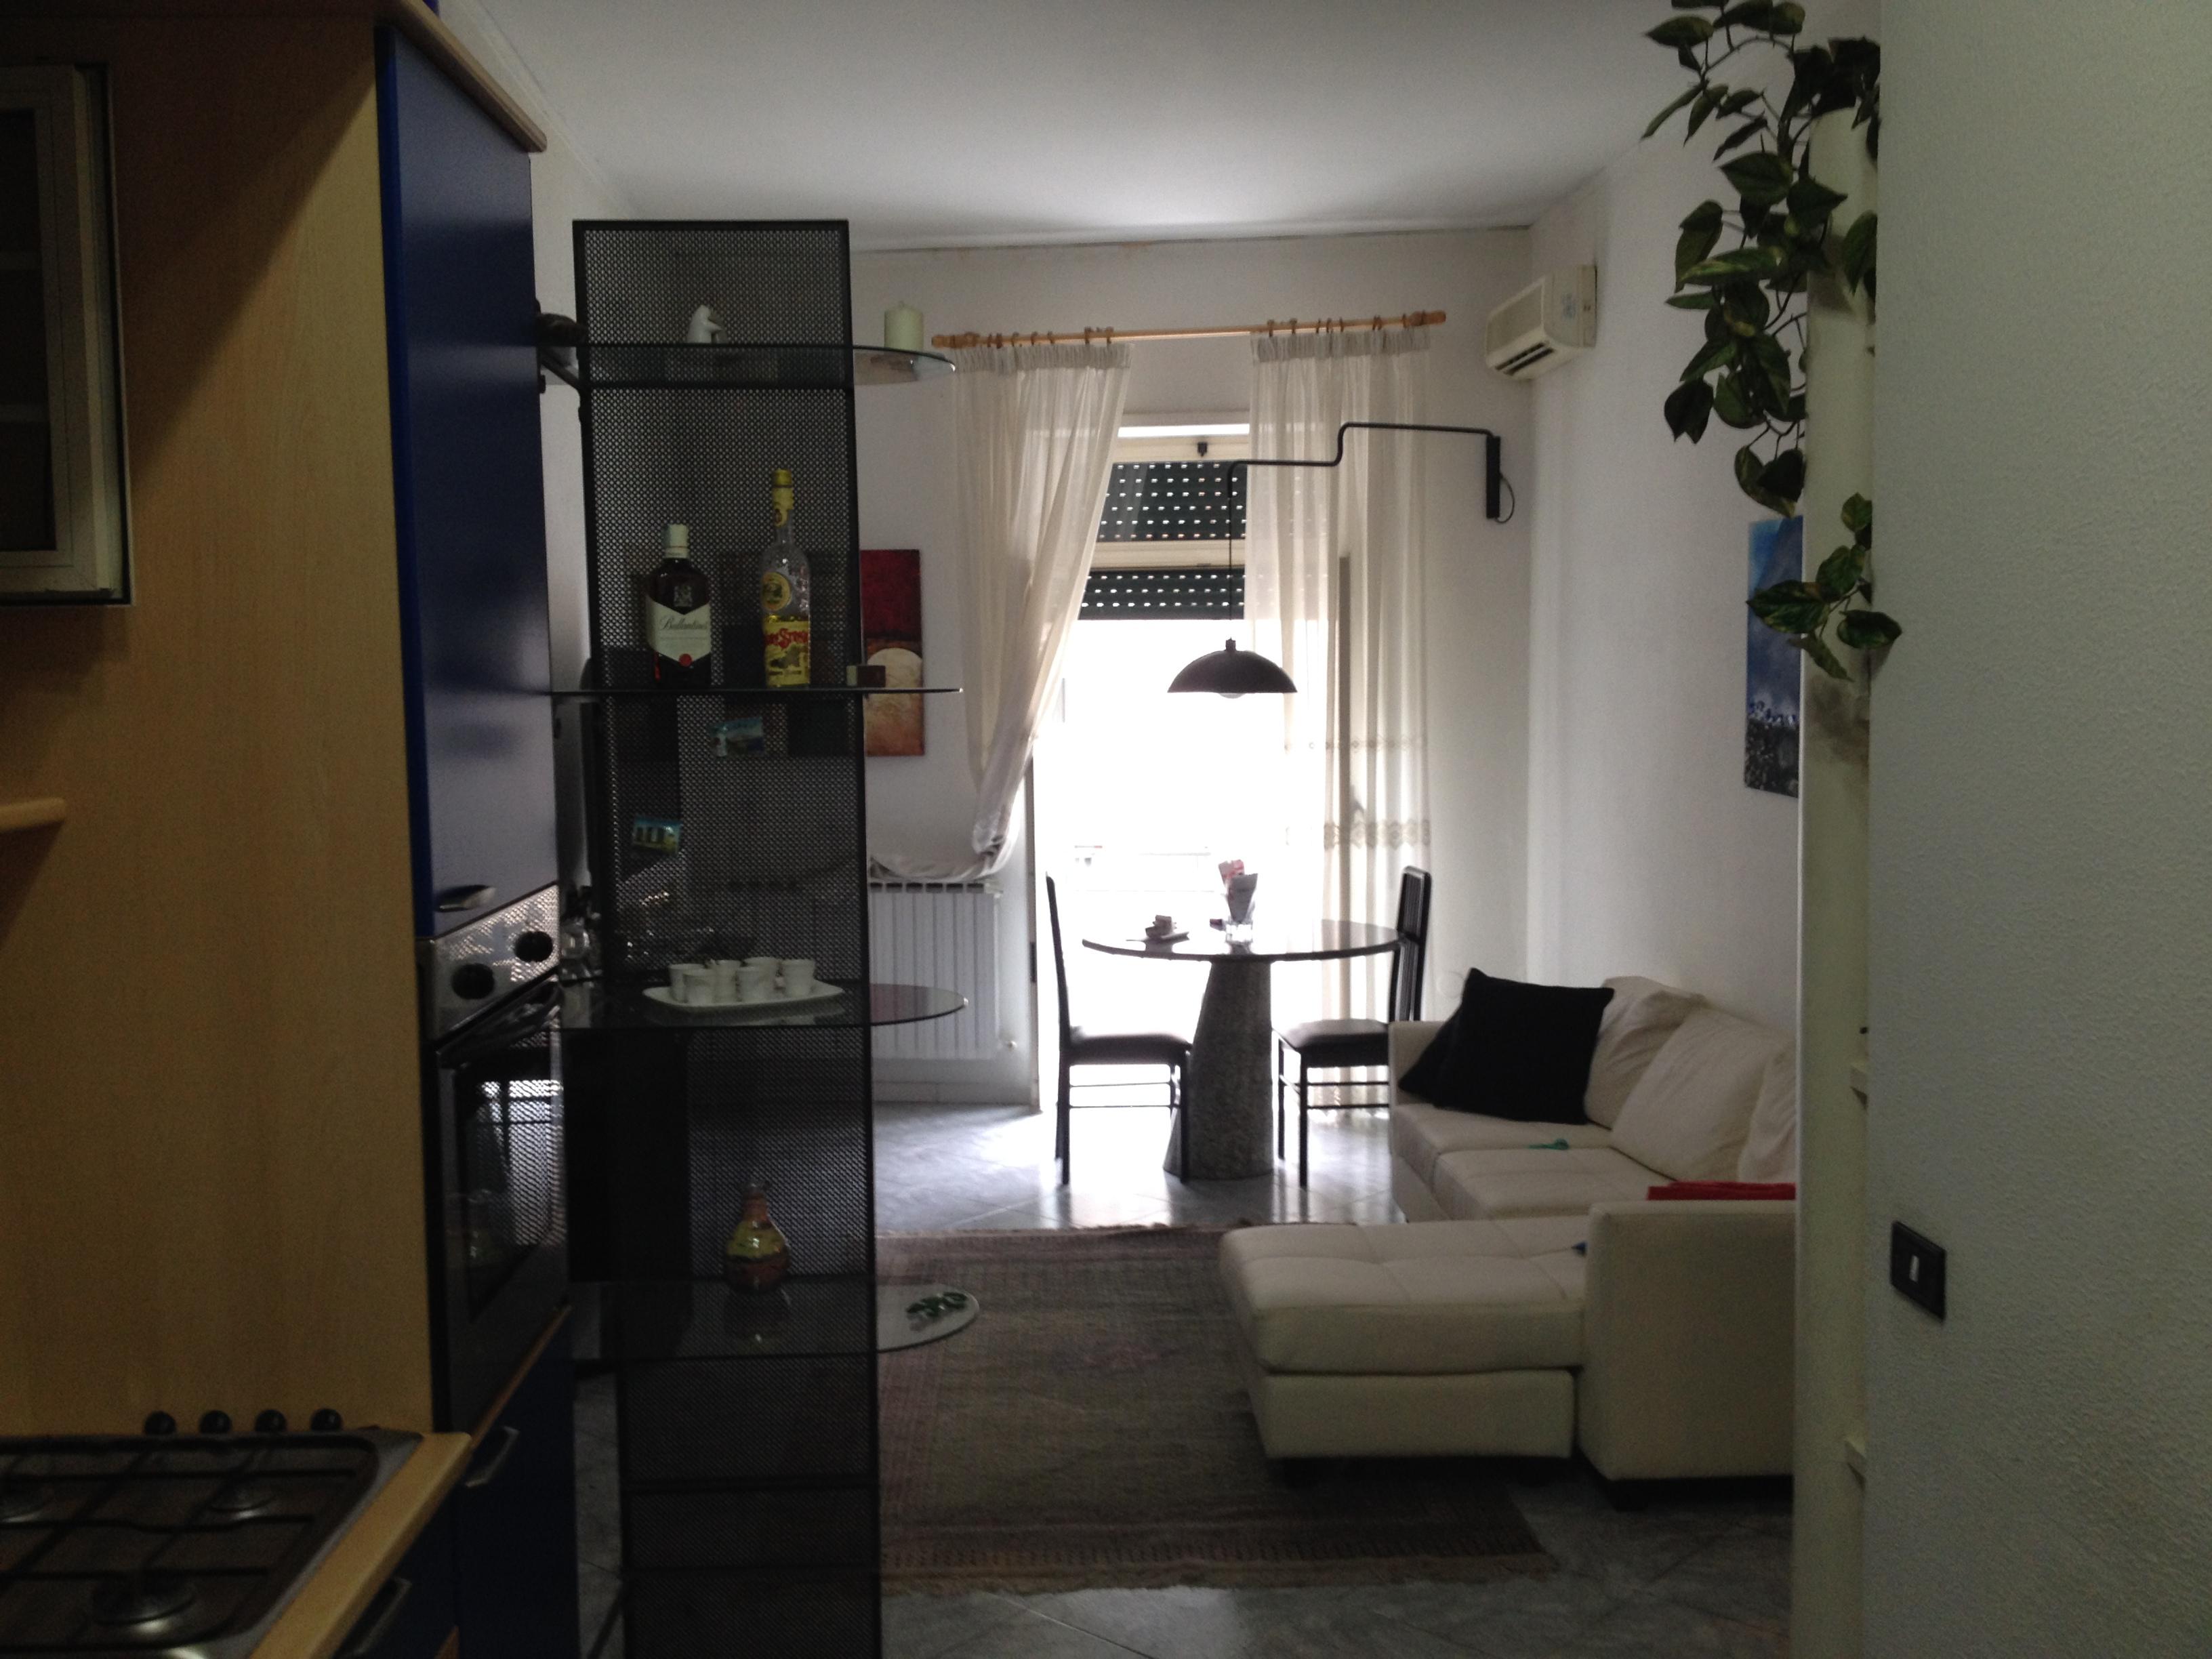 Appartamento corso vittorio emanuele napoli napoli centro storico blog magazine - Bagno vittorio emanuele calambrone ...